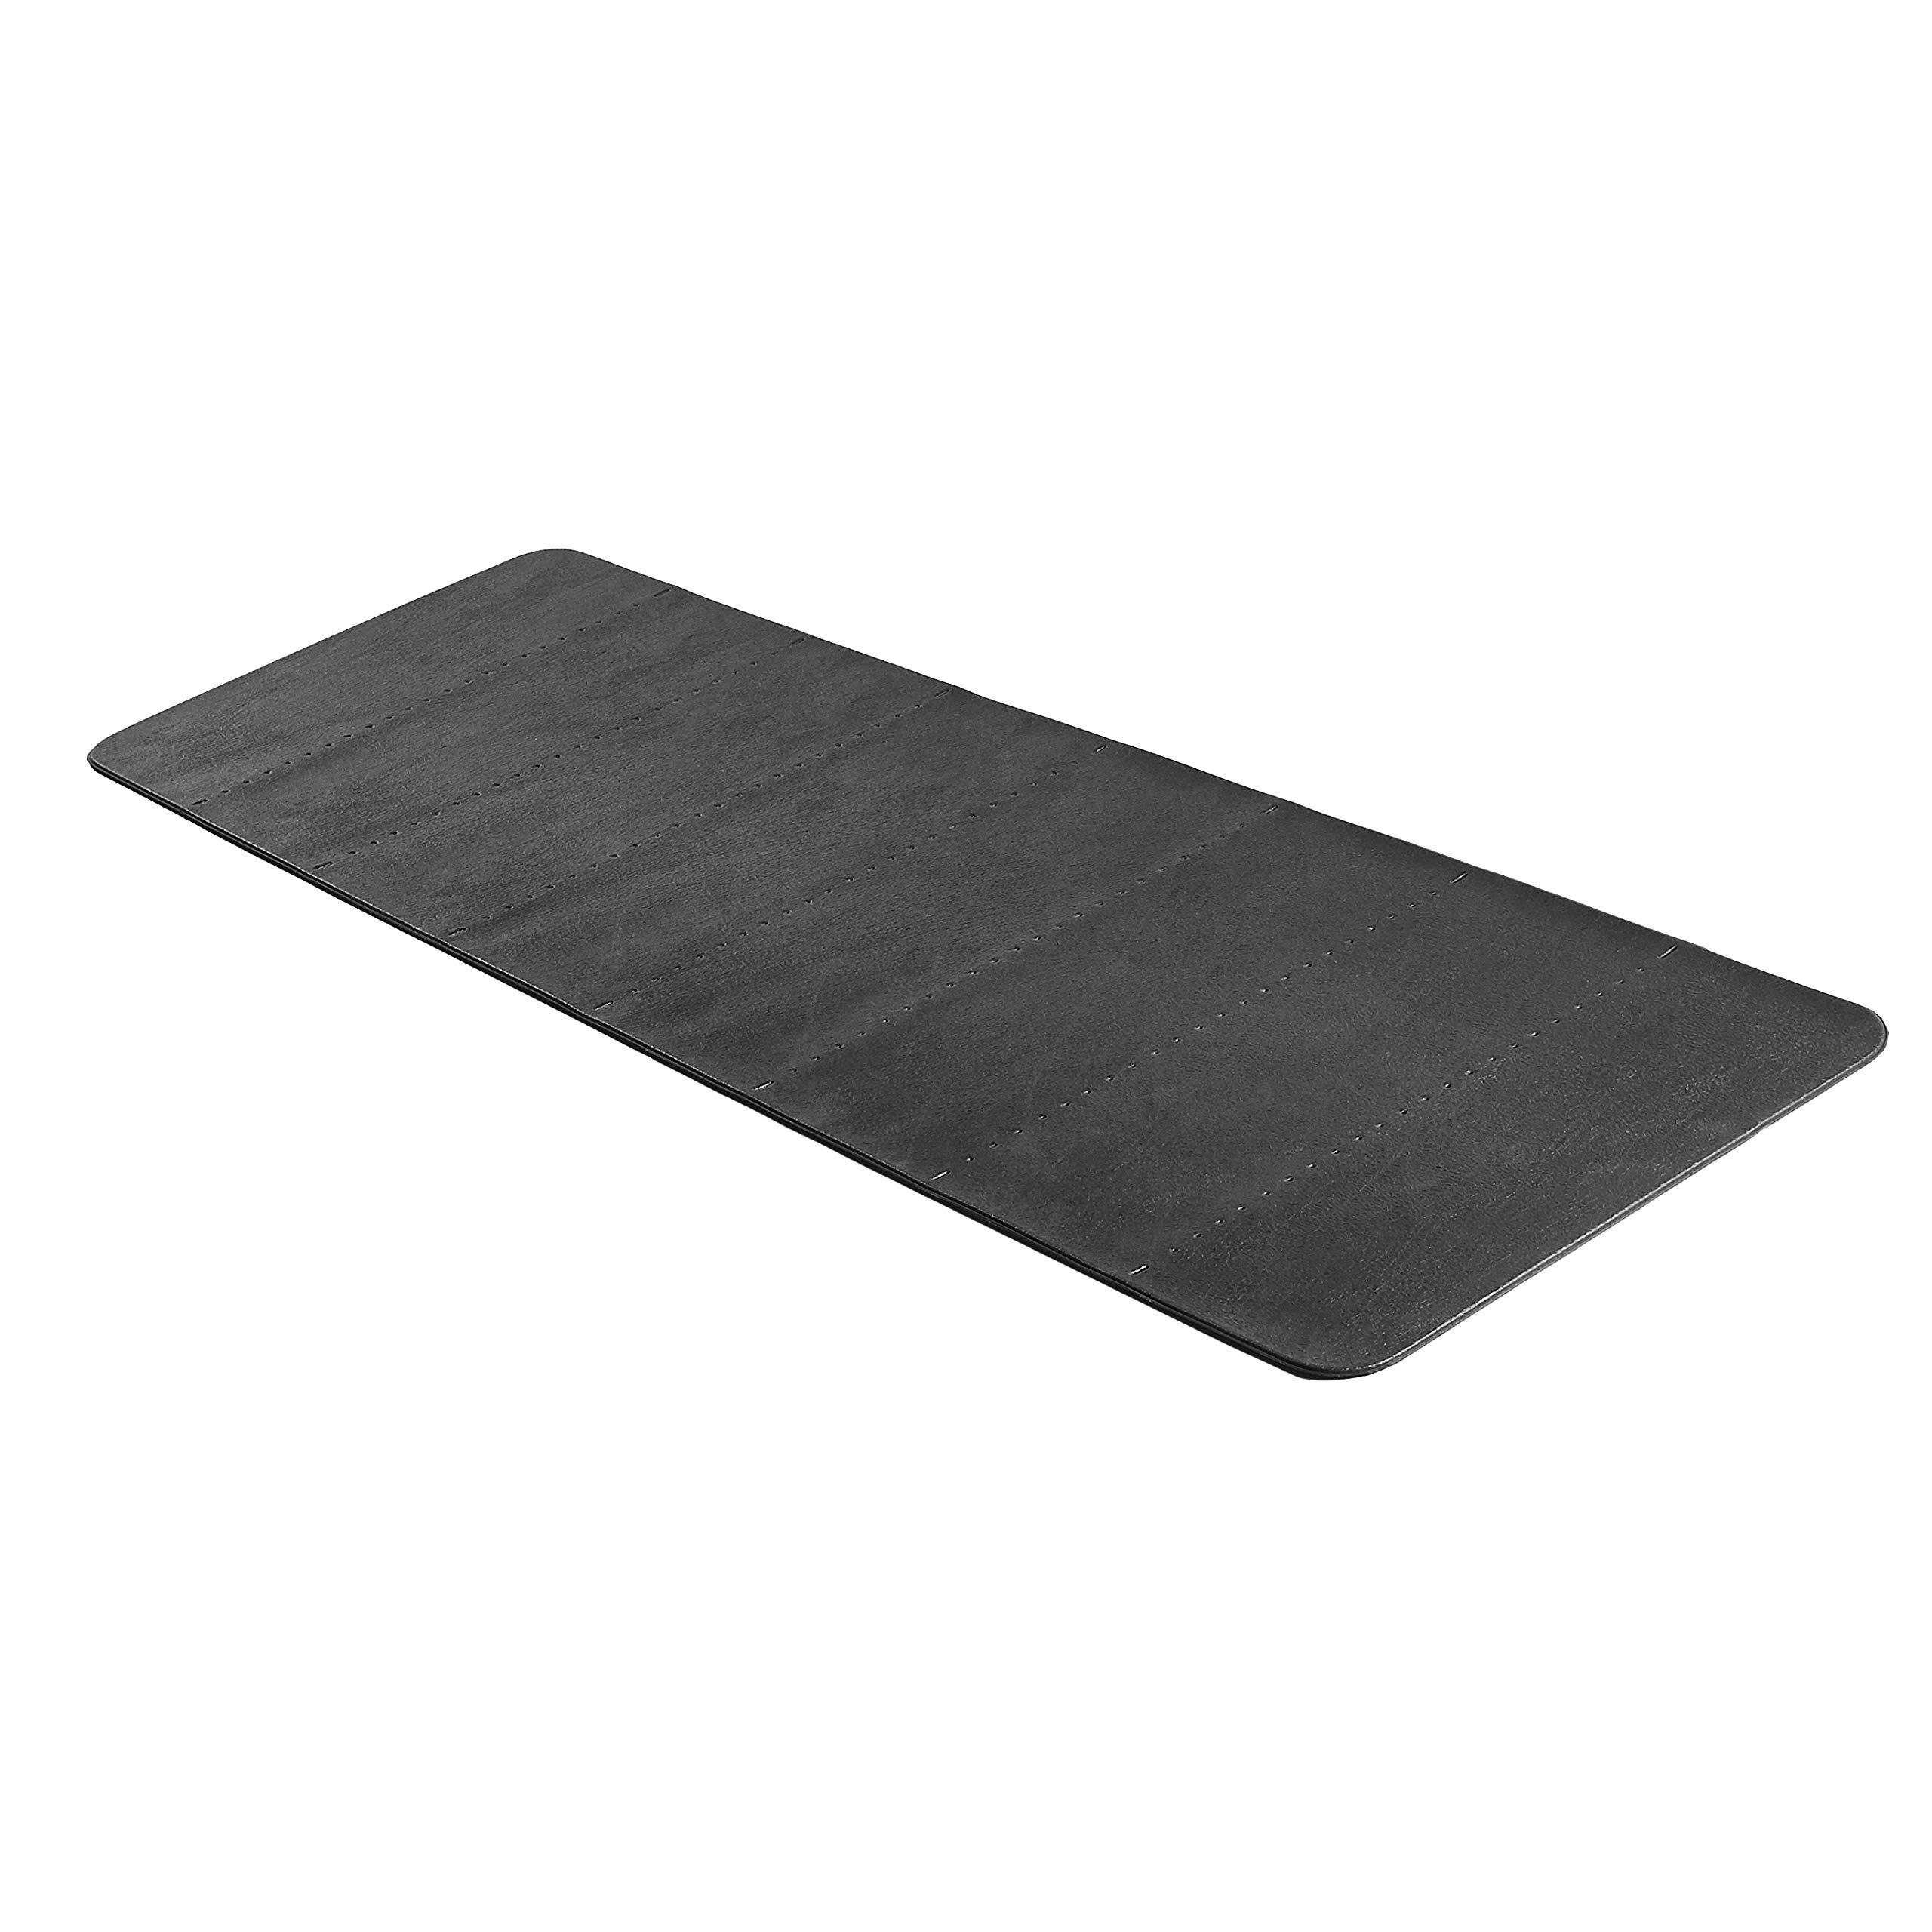 Amazon Basics Folding Puzzle Exercise Gym Mat, Black